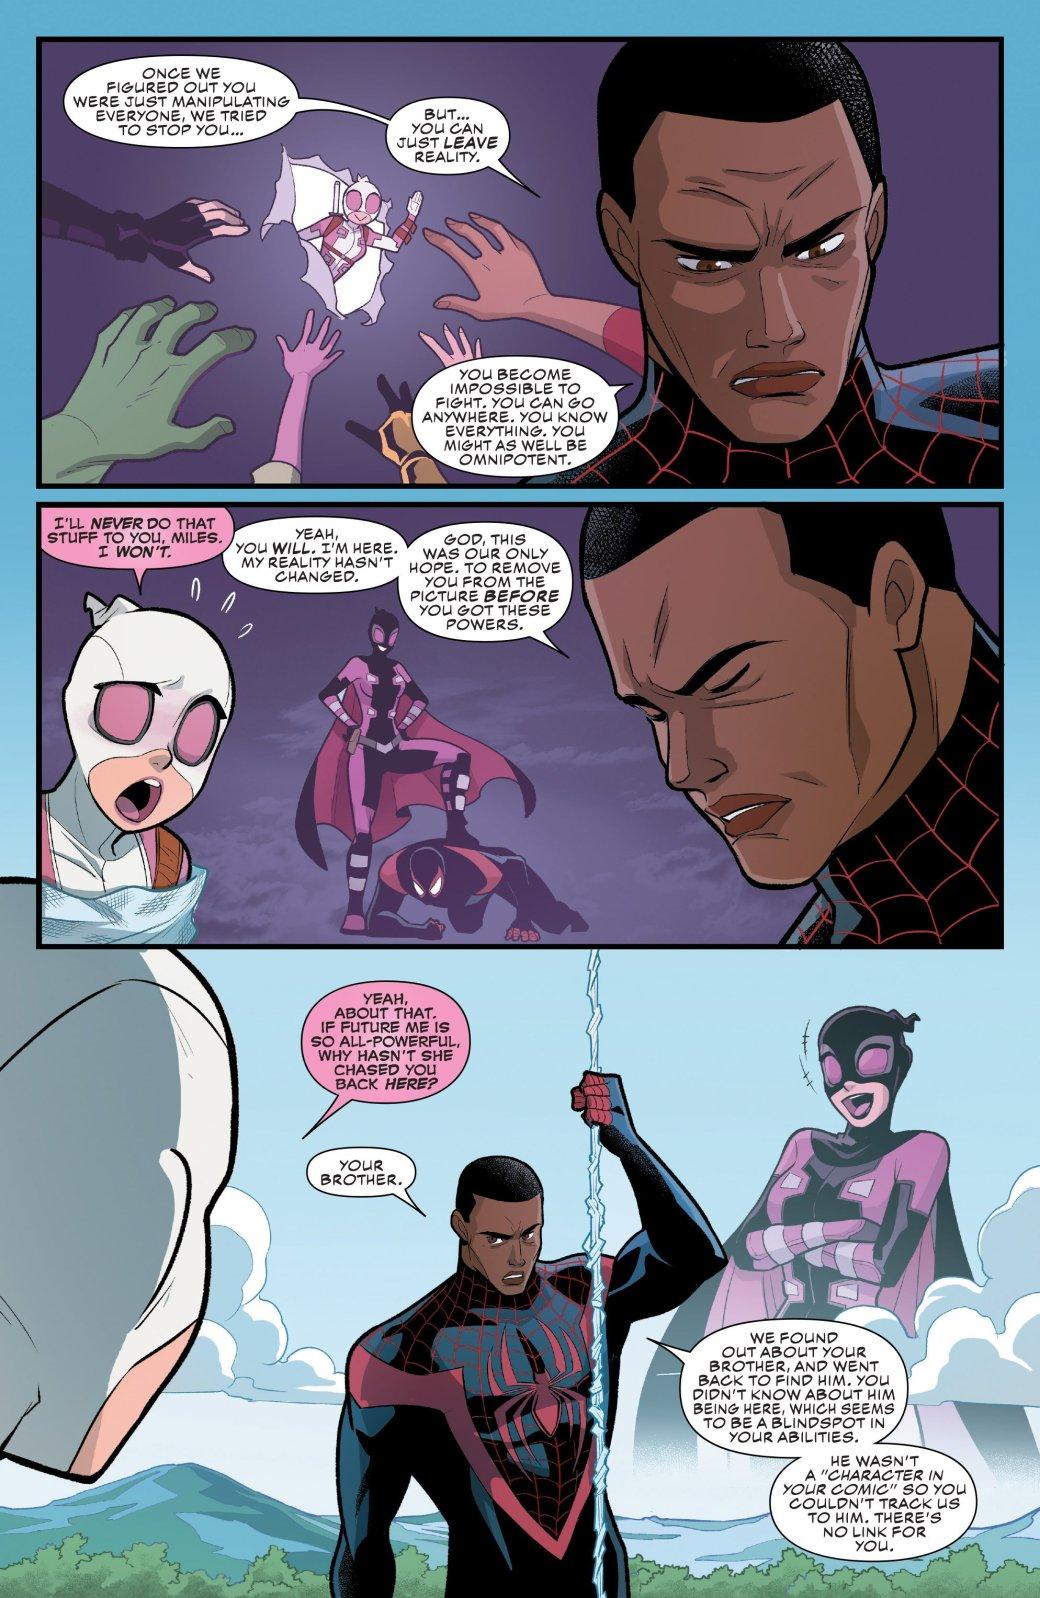 Гвенпул против вселенной Marvel: начто способна сила спойлеров?